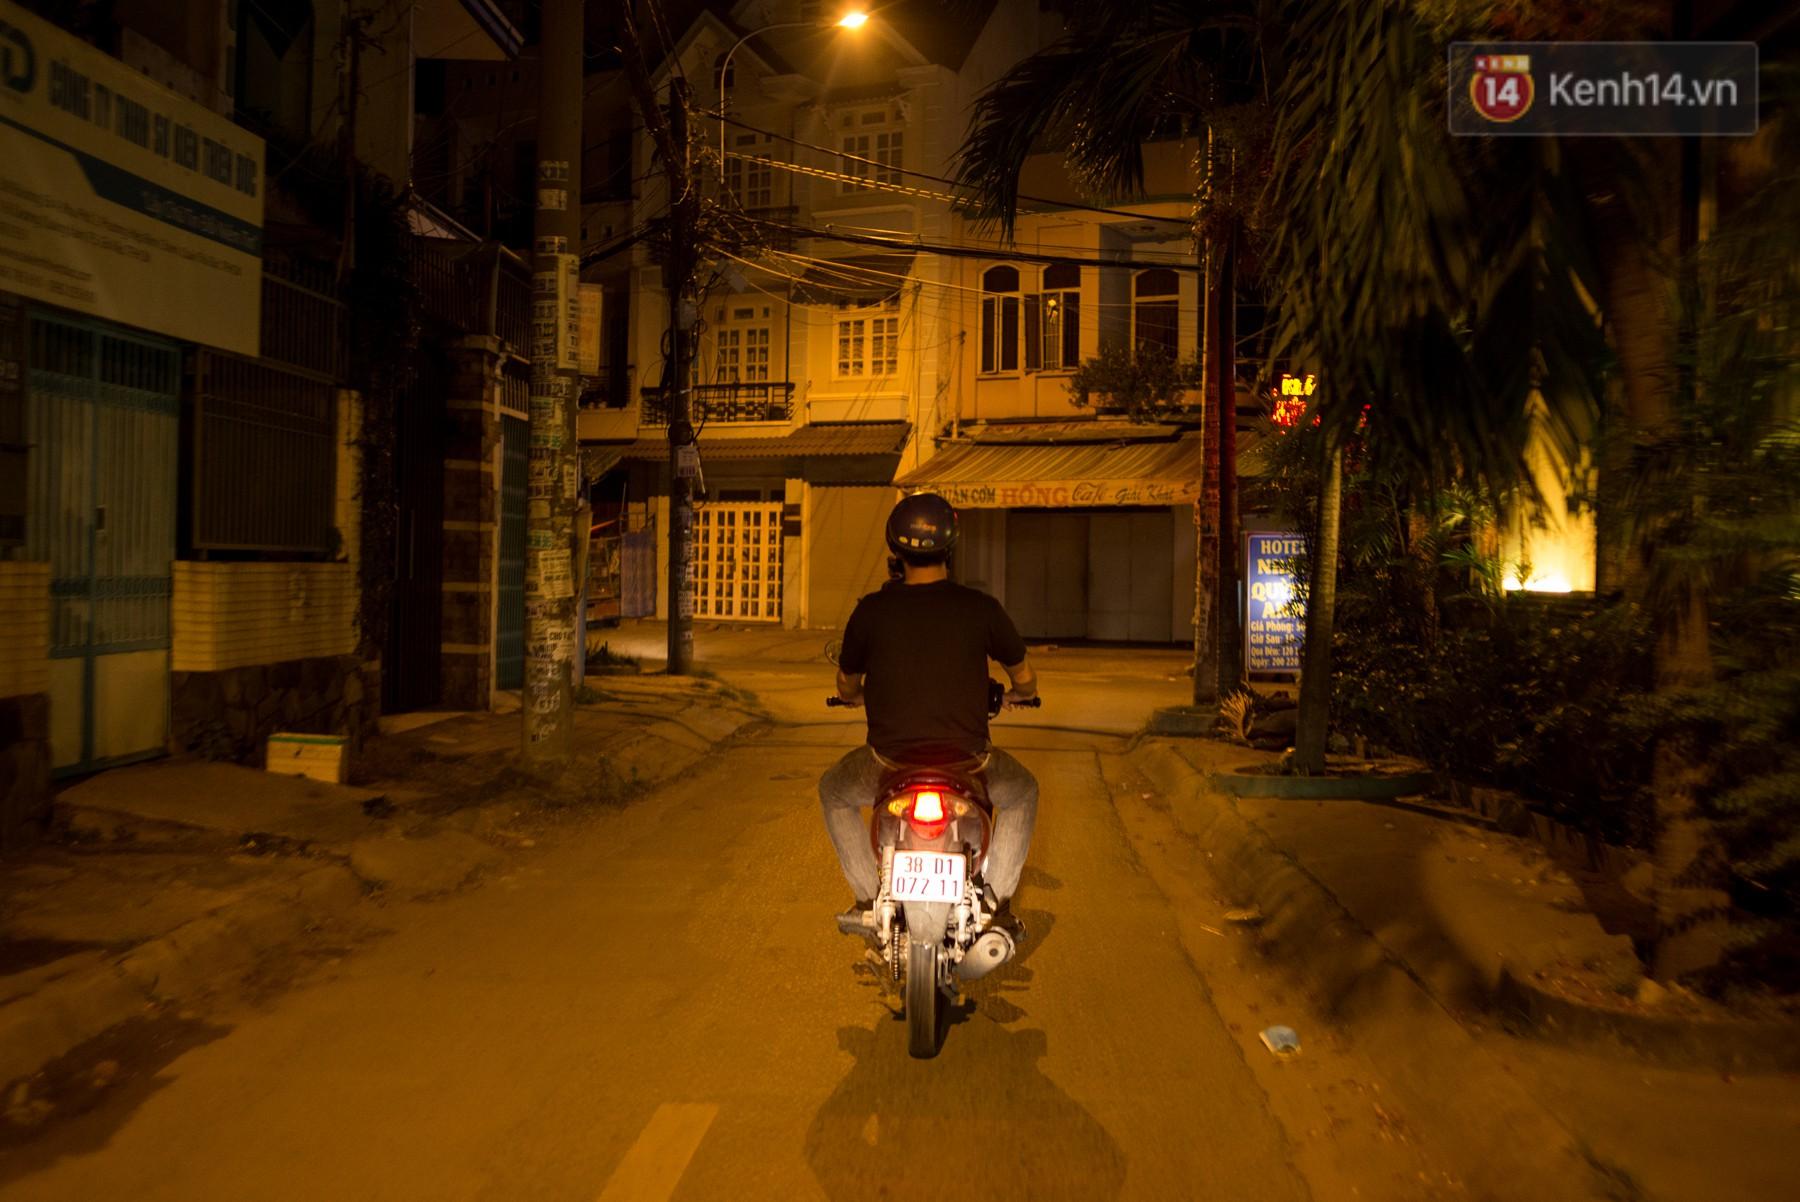 Dịch vụ giao thức ăn đêm ở Sài Gòn tăng cường hoạt động đến gần 3h sáng trong mùa World Cup - Ảnh 12.